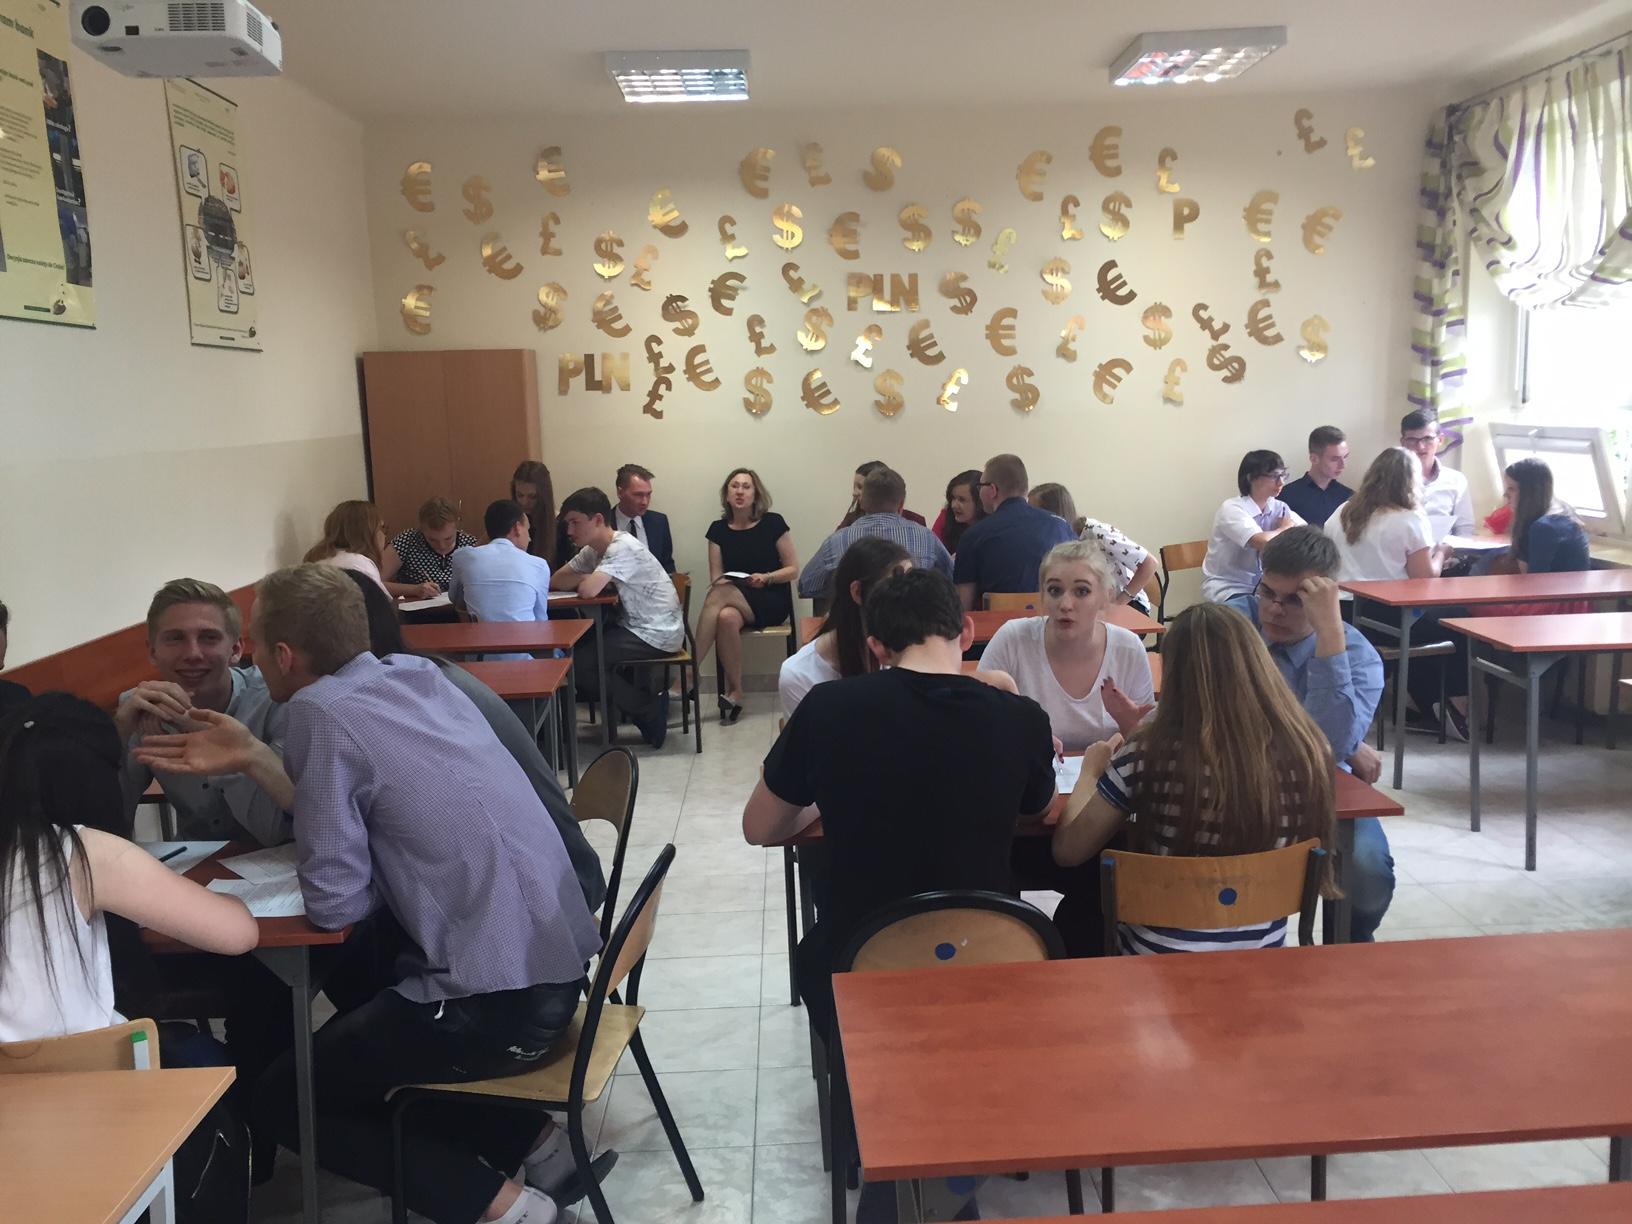 Zdjęcie: młodzi ludzie na lekcji pracują w grupach